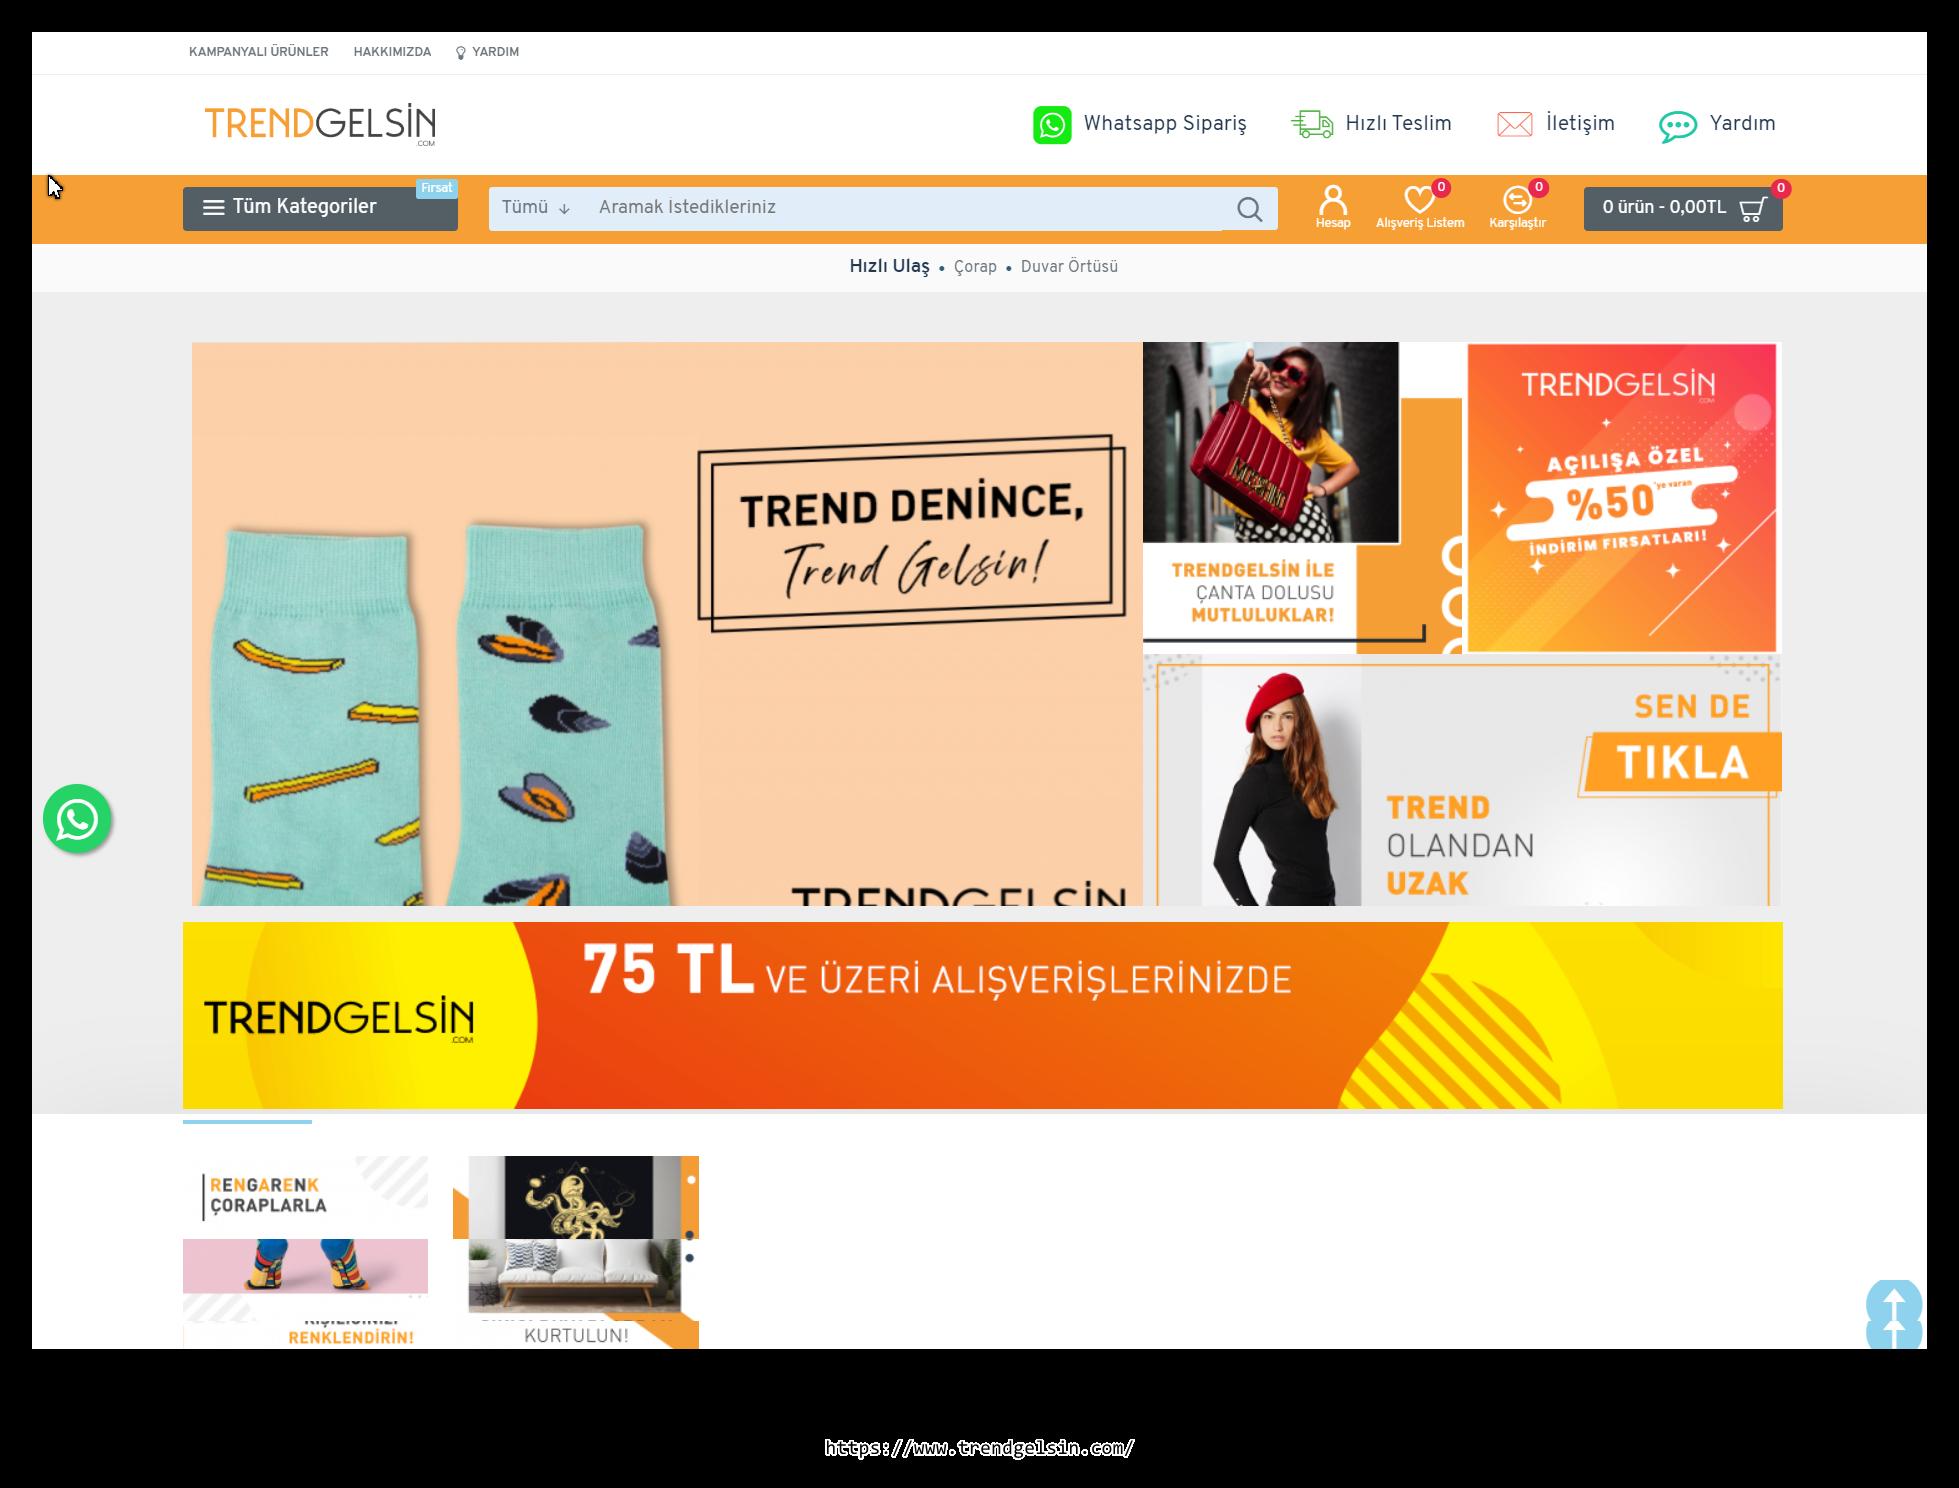 Trendgelsin.com